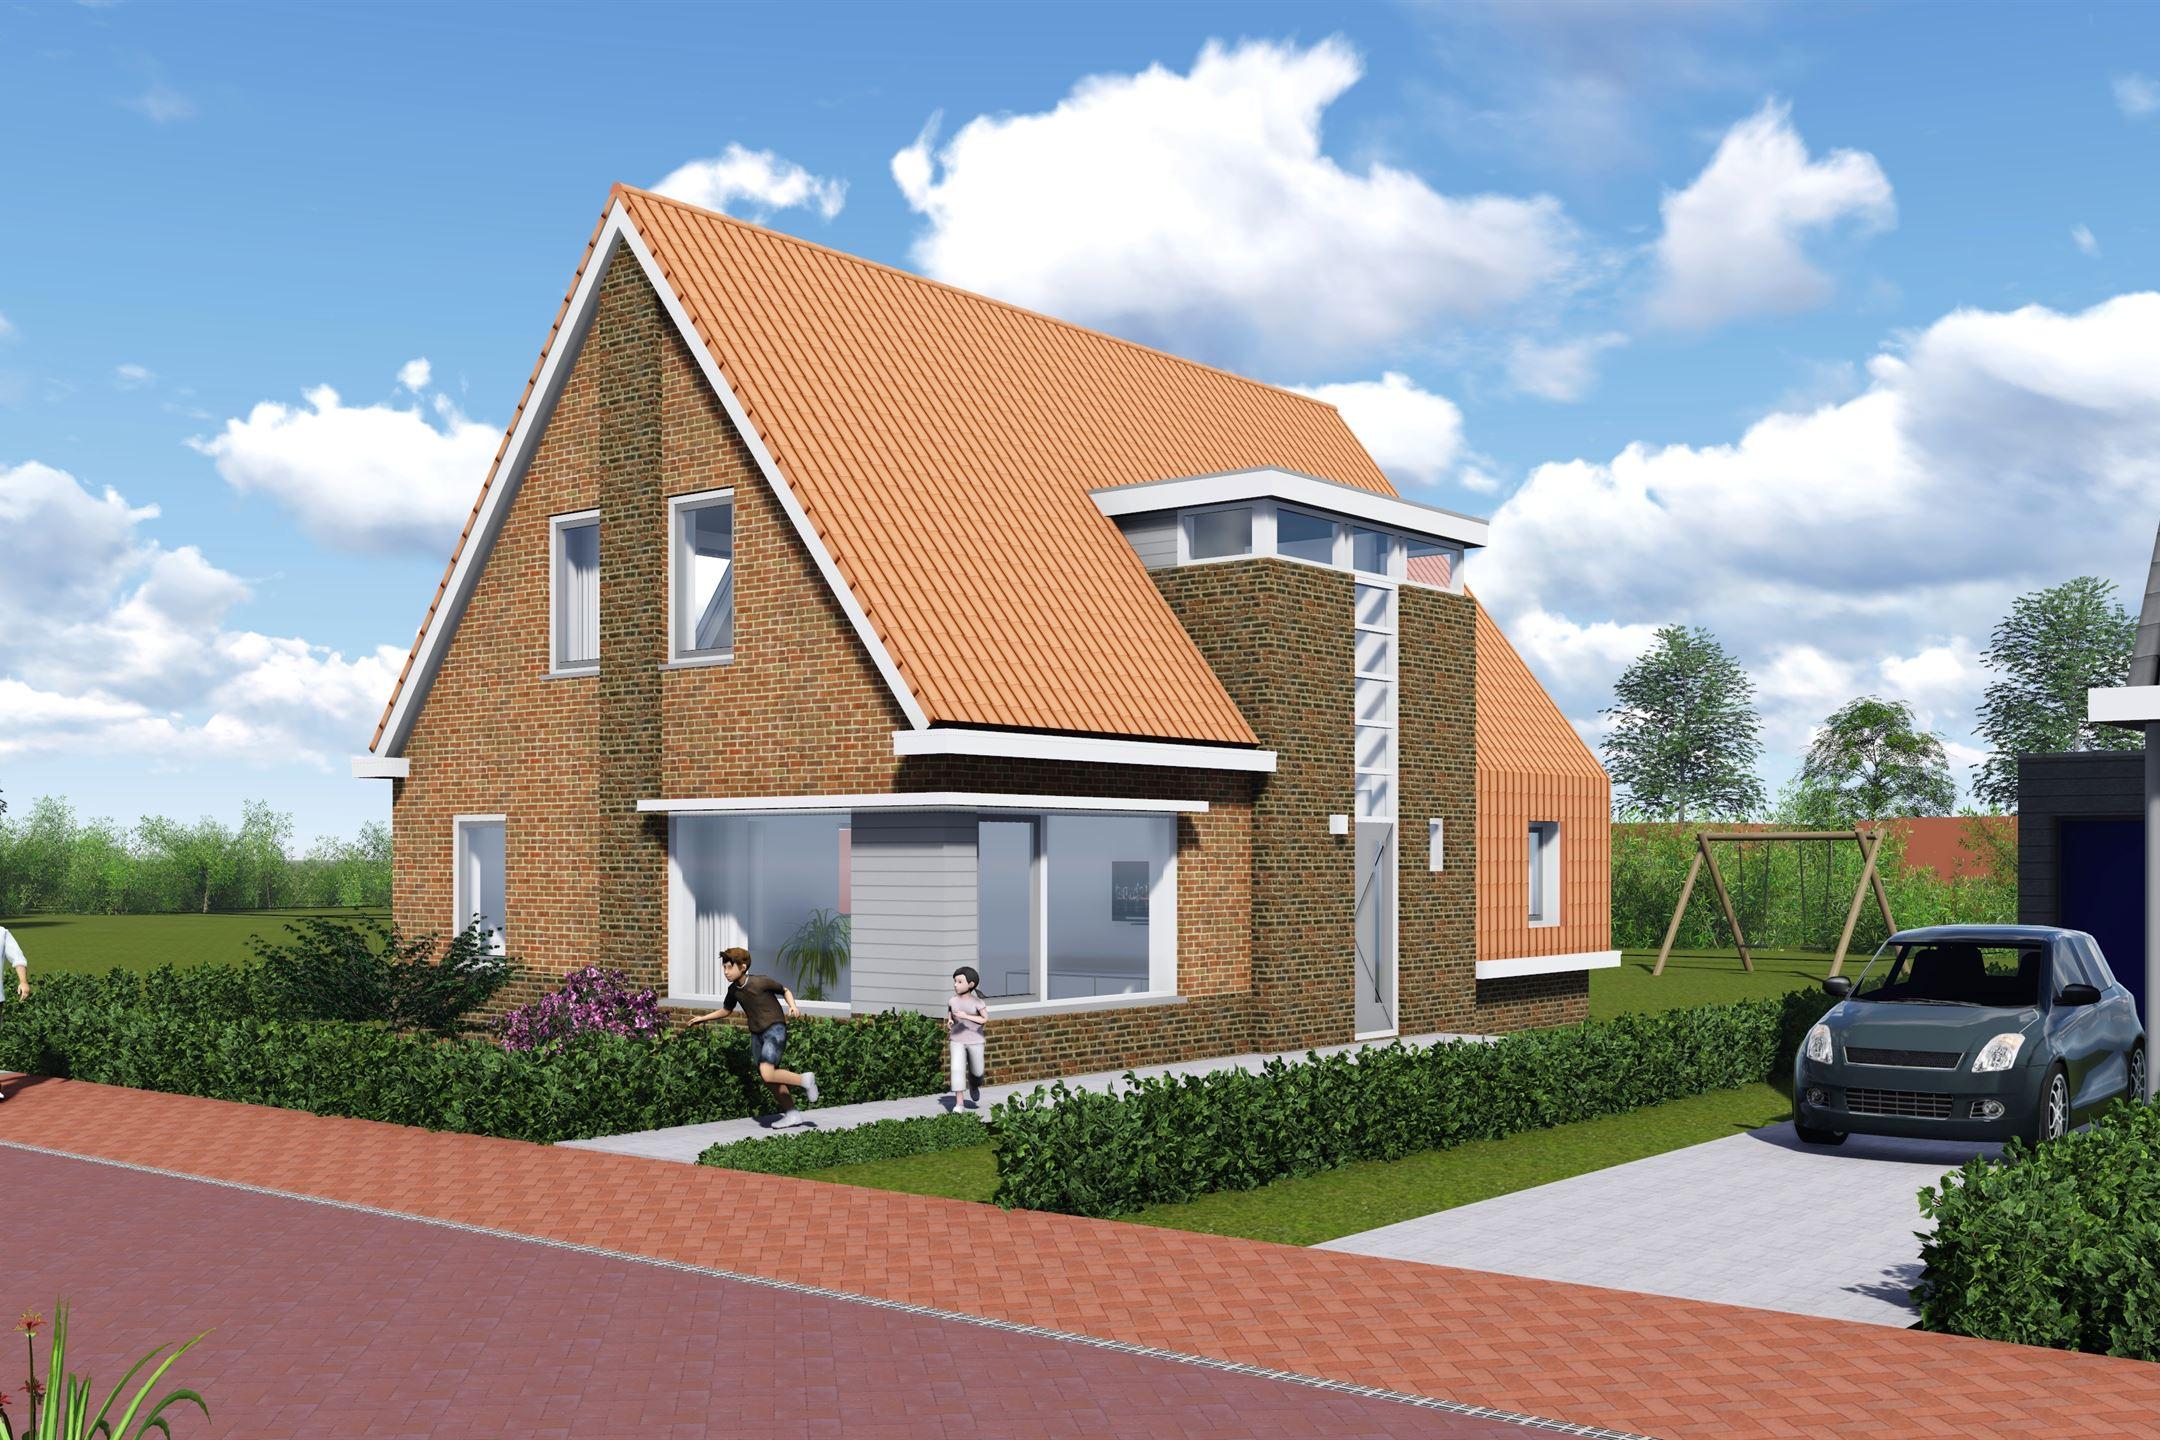 Huis te koop: willem alexanderlaan 9 9901 de appingedam [funda]